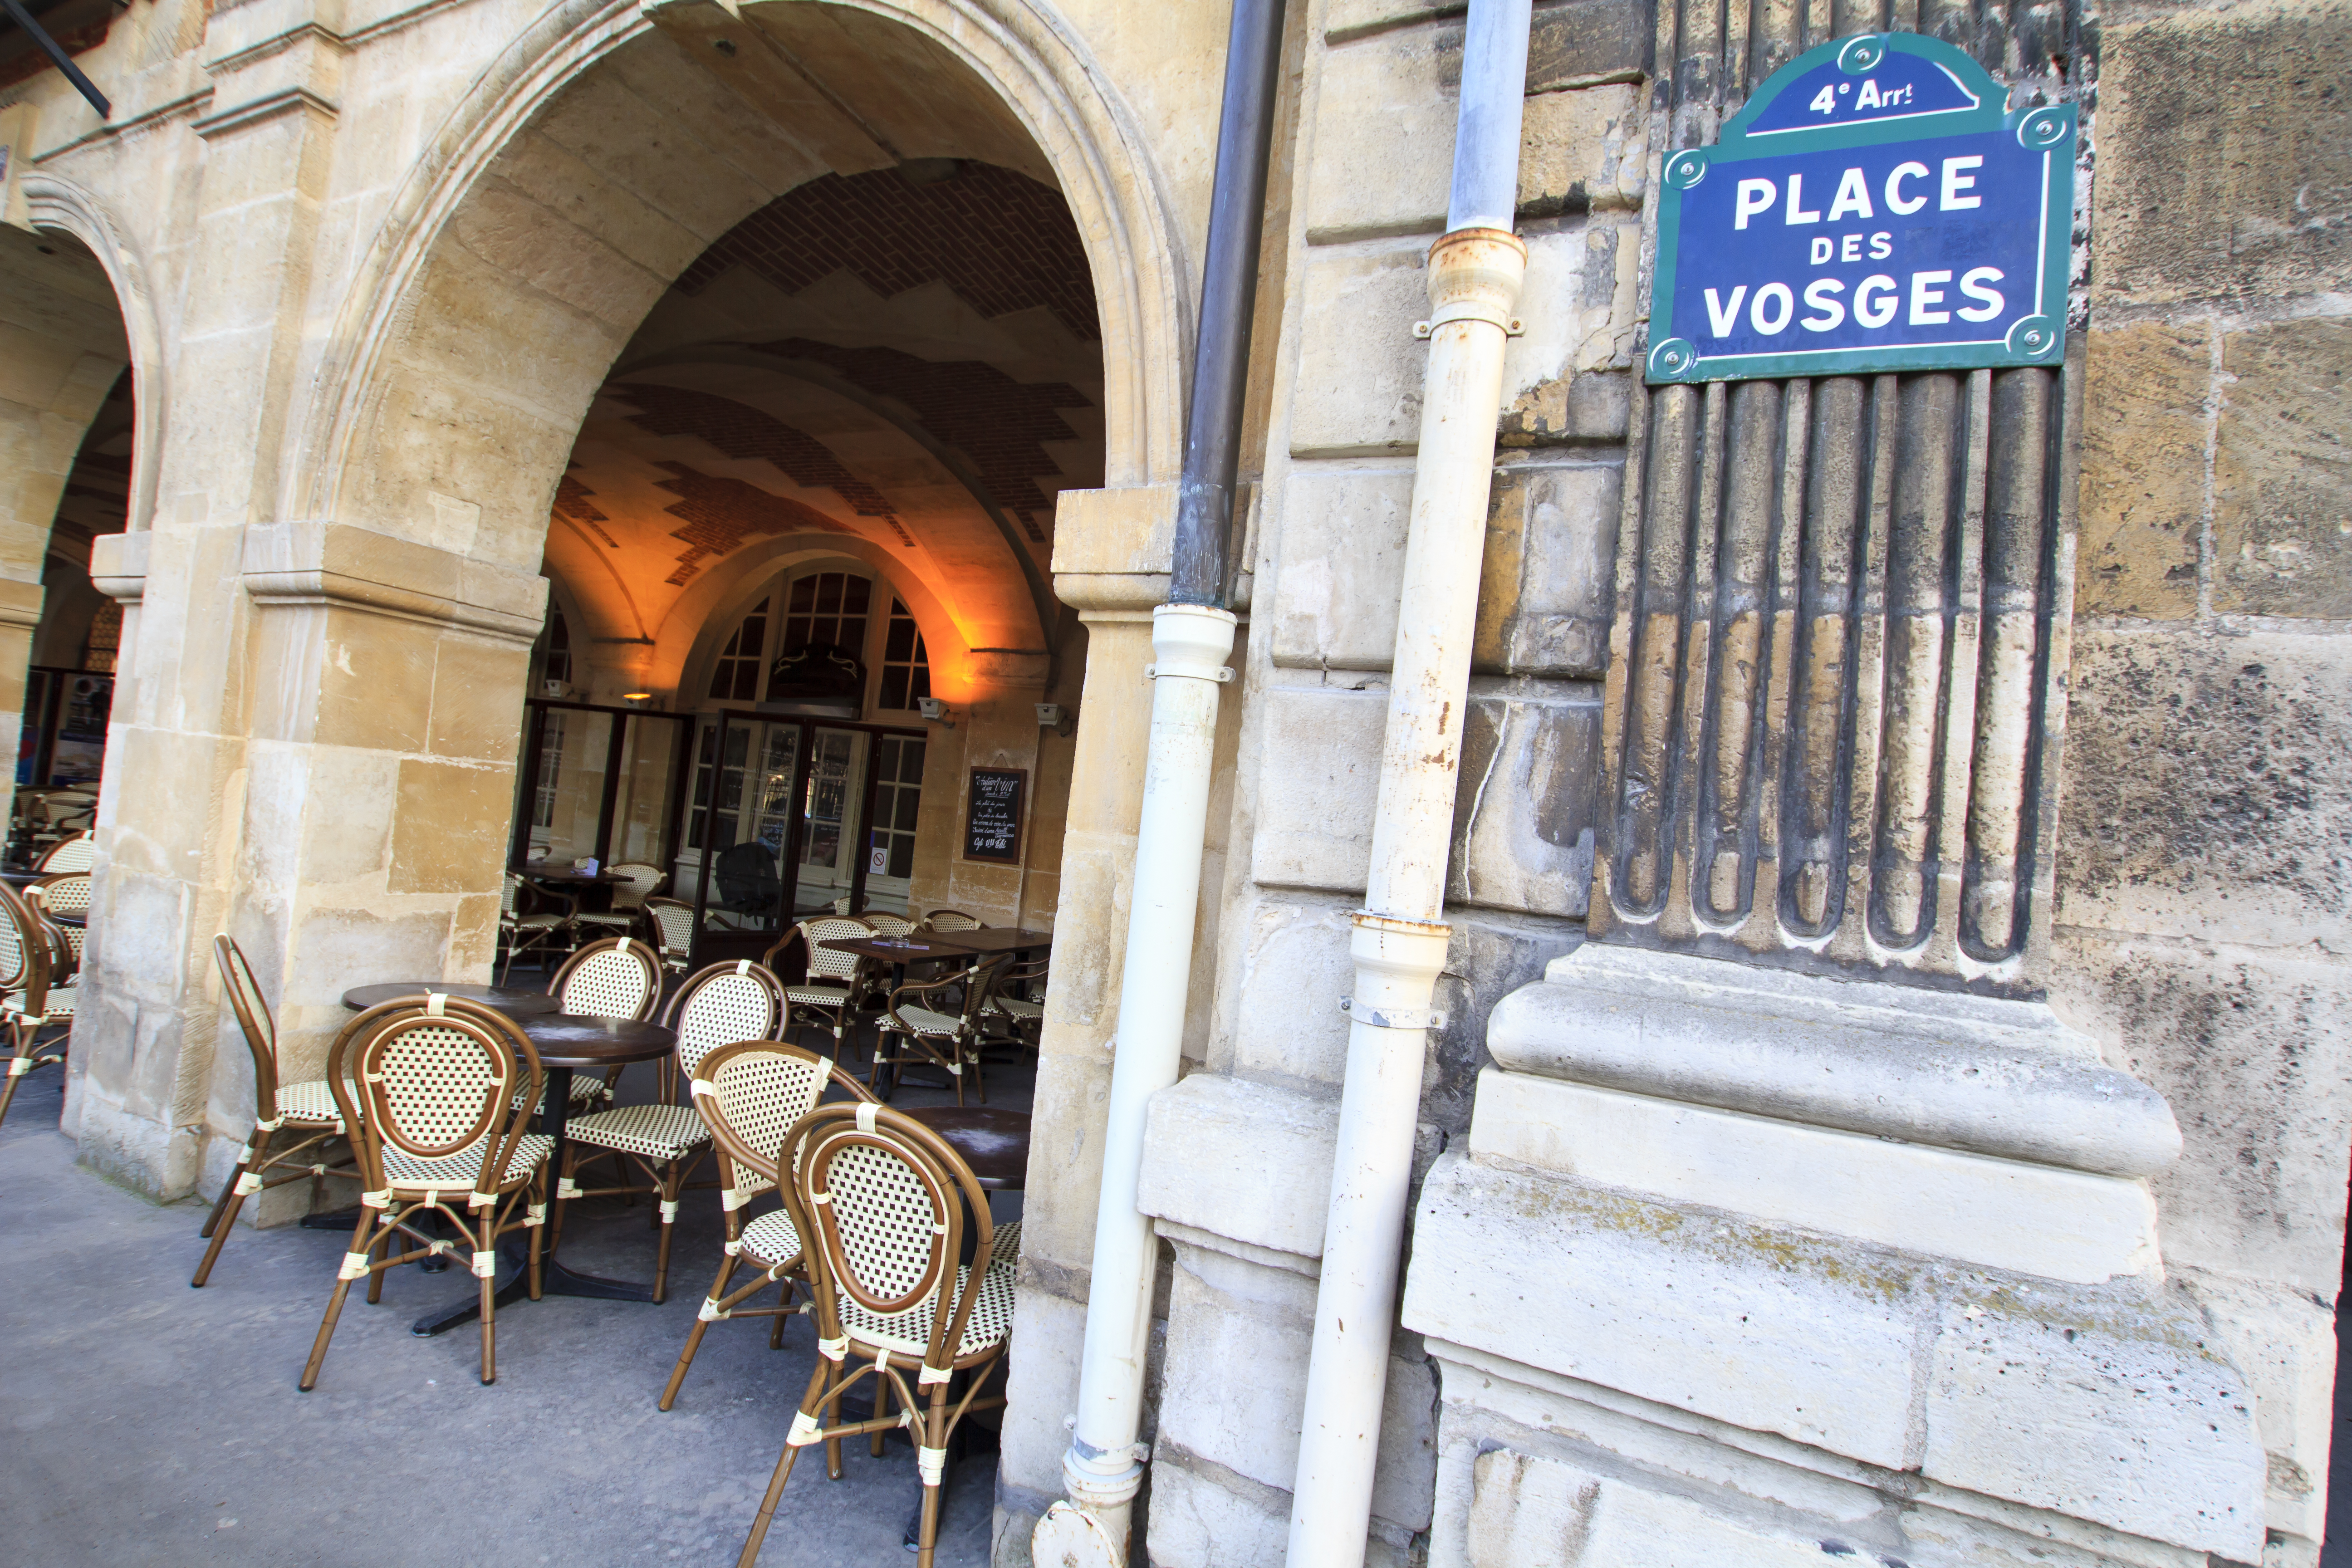 El barrio de moda - Francia Circuito La Ruta del Champagne, Luxemburgo y Alsacia